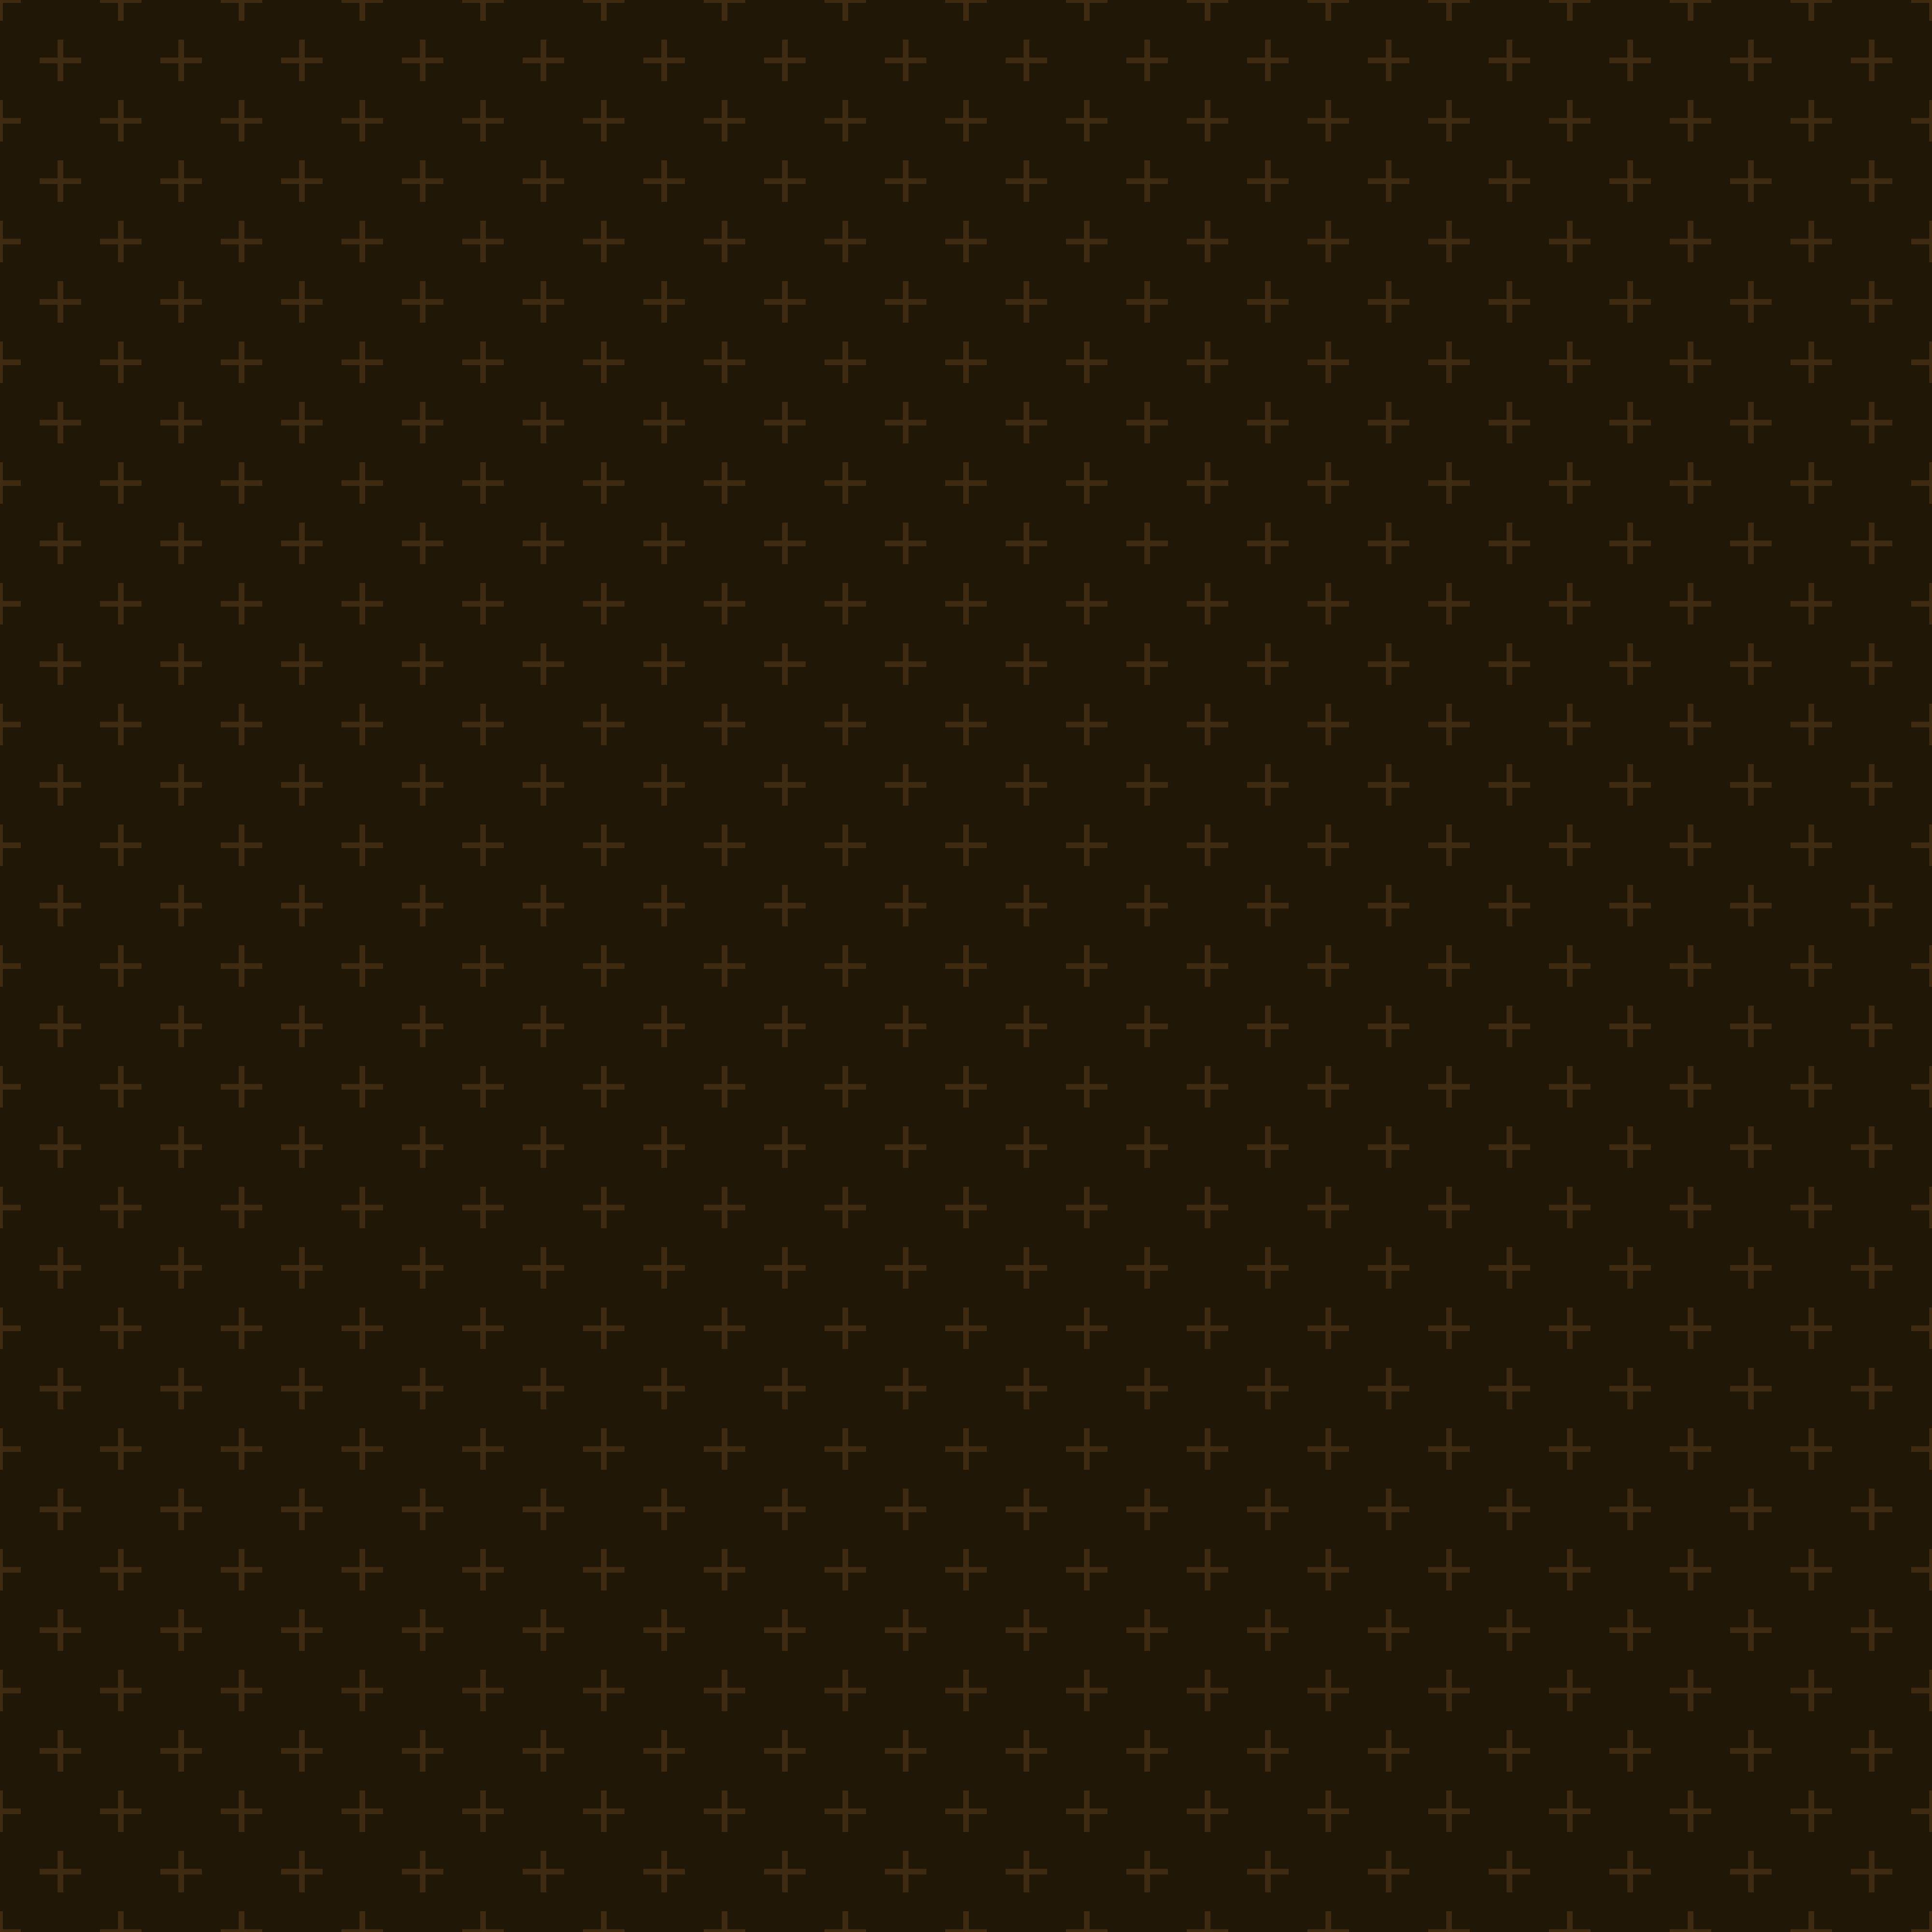 134844 скачать обои Кресты, Узоры, Текстура, Текстуры, Наискось - заставки и картинки бесплатно